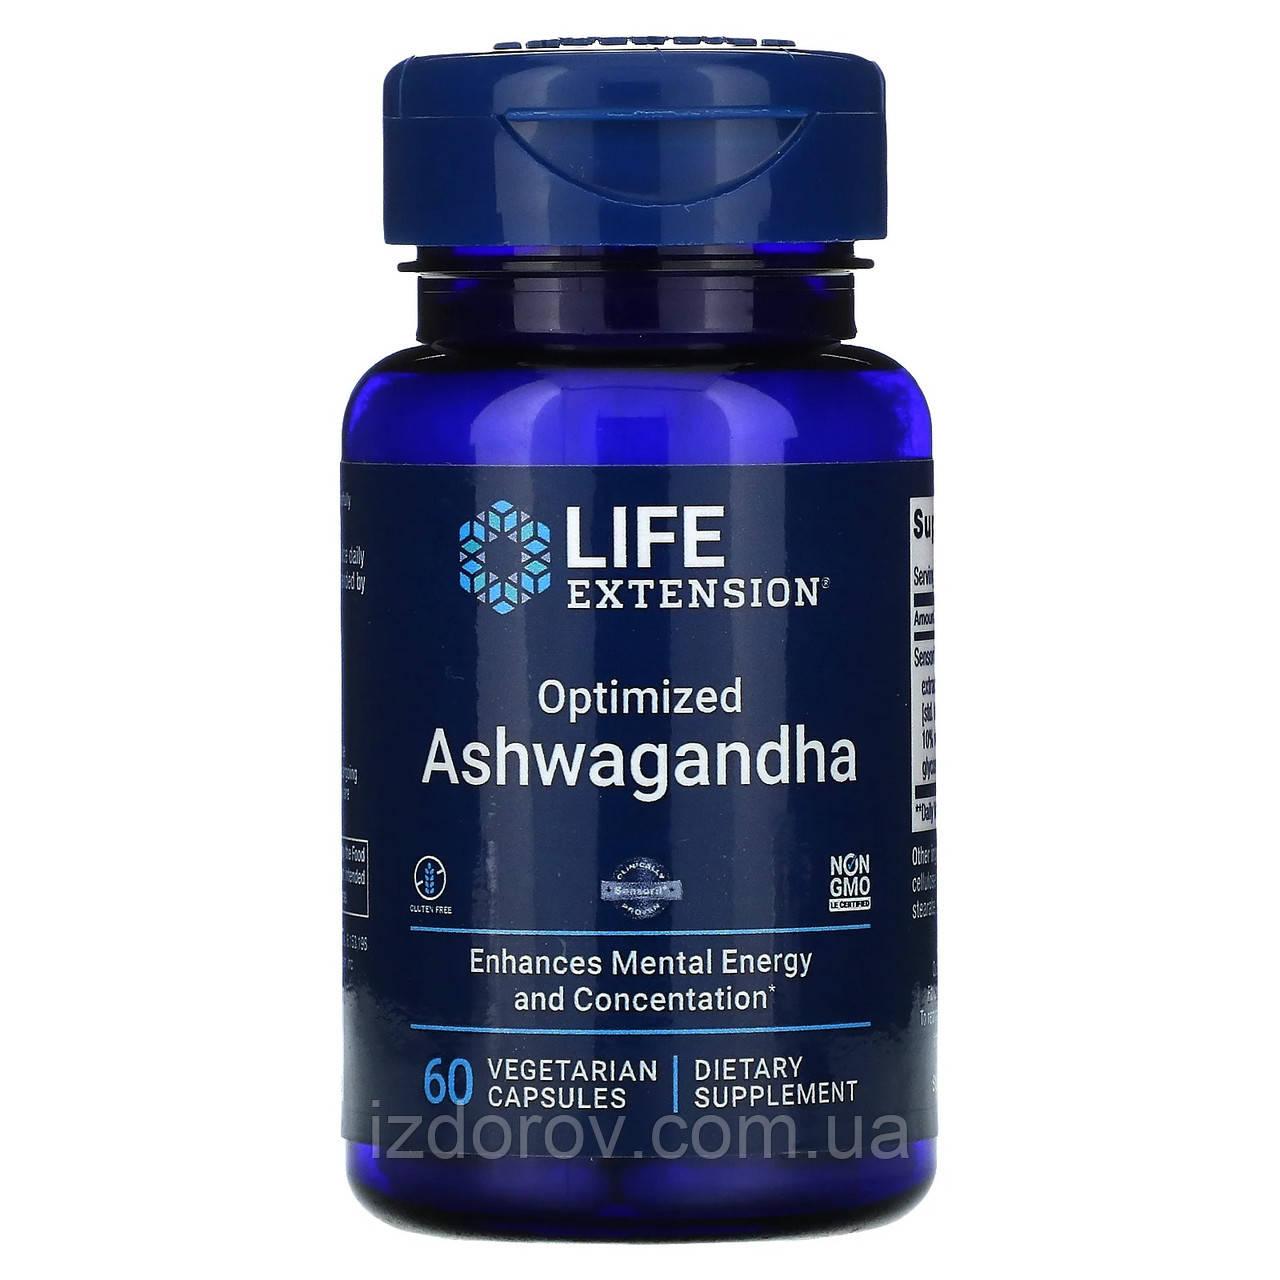 Life Extension, Ашваганда оптимизированный экстракт, Ashwagandha, 60 вегетарианских капсул